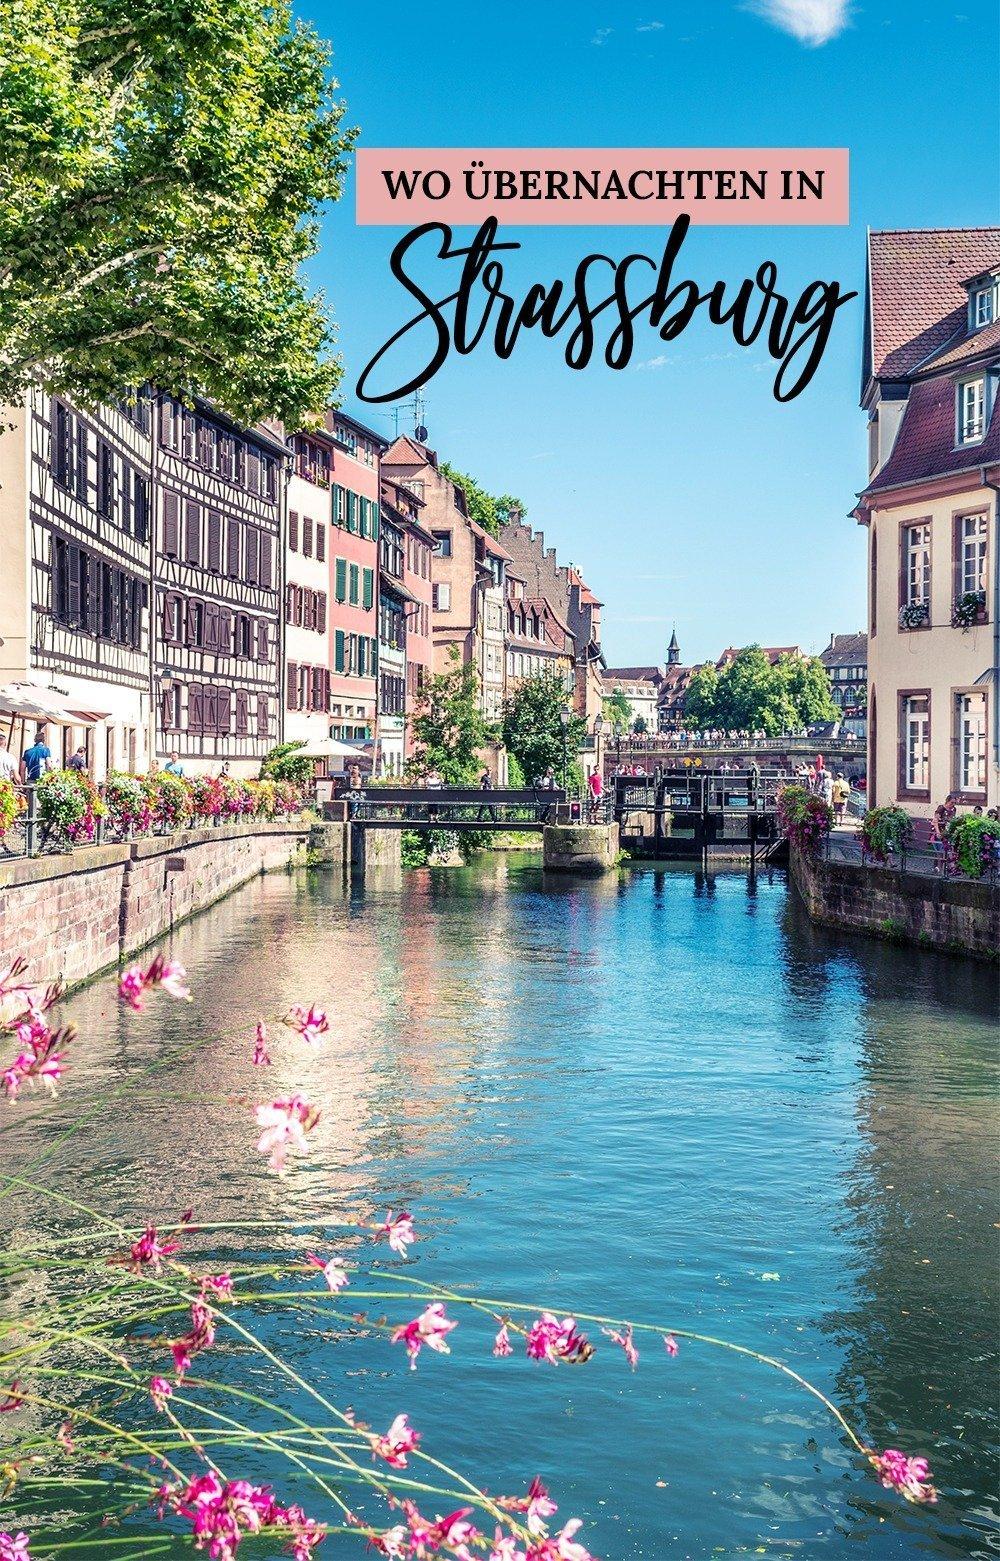 Wein, Geschichte und leckeres Essen – wenn Du diese drei Dinge liebst, wirst Du in Straßburg glücklich, einer französischen Grenzstadt mit einzigartiger französisch-deutscher Kultur, toller Küche und einer reichhaltigen Geschichte. Wo übernachten in Straßburg? Finde es hier heraus und mache das Beste aus deinem Urlaub!